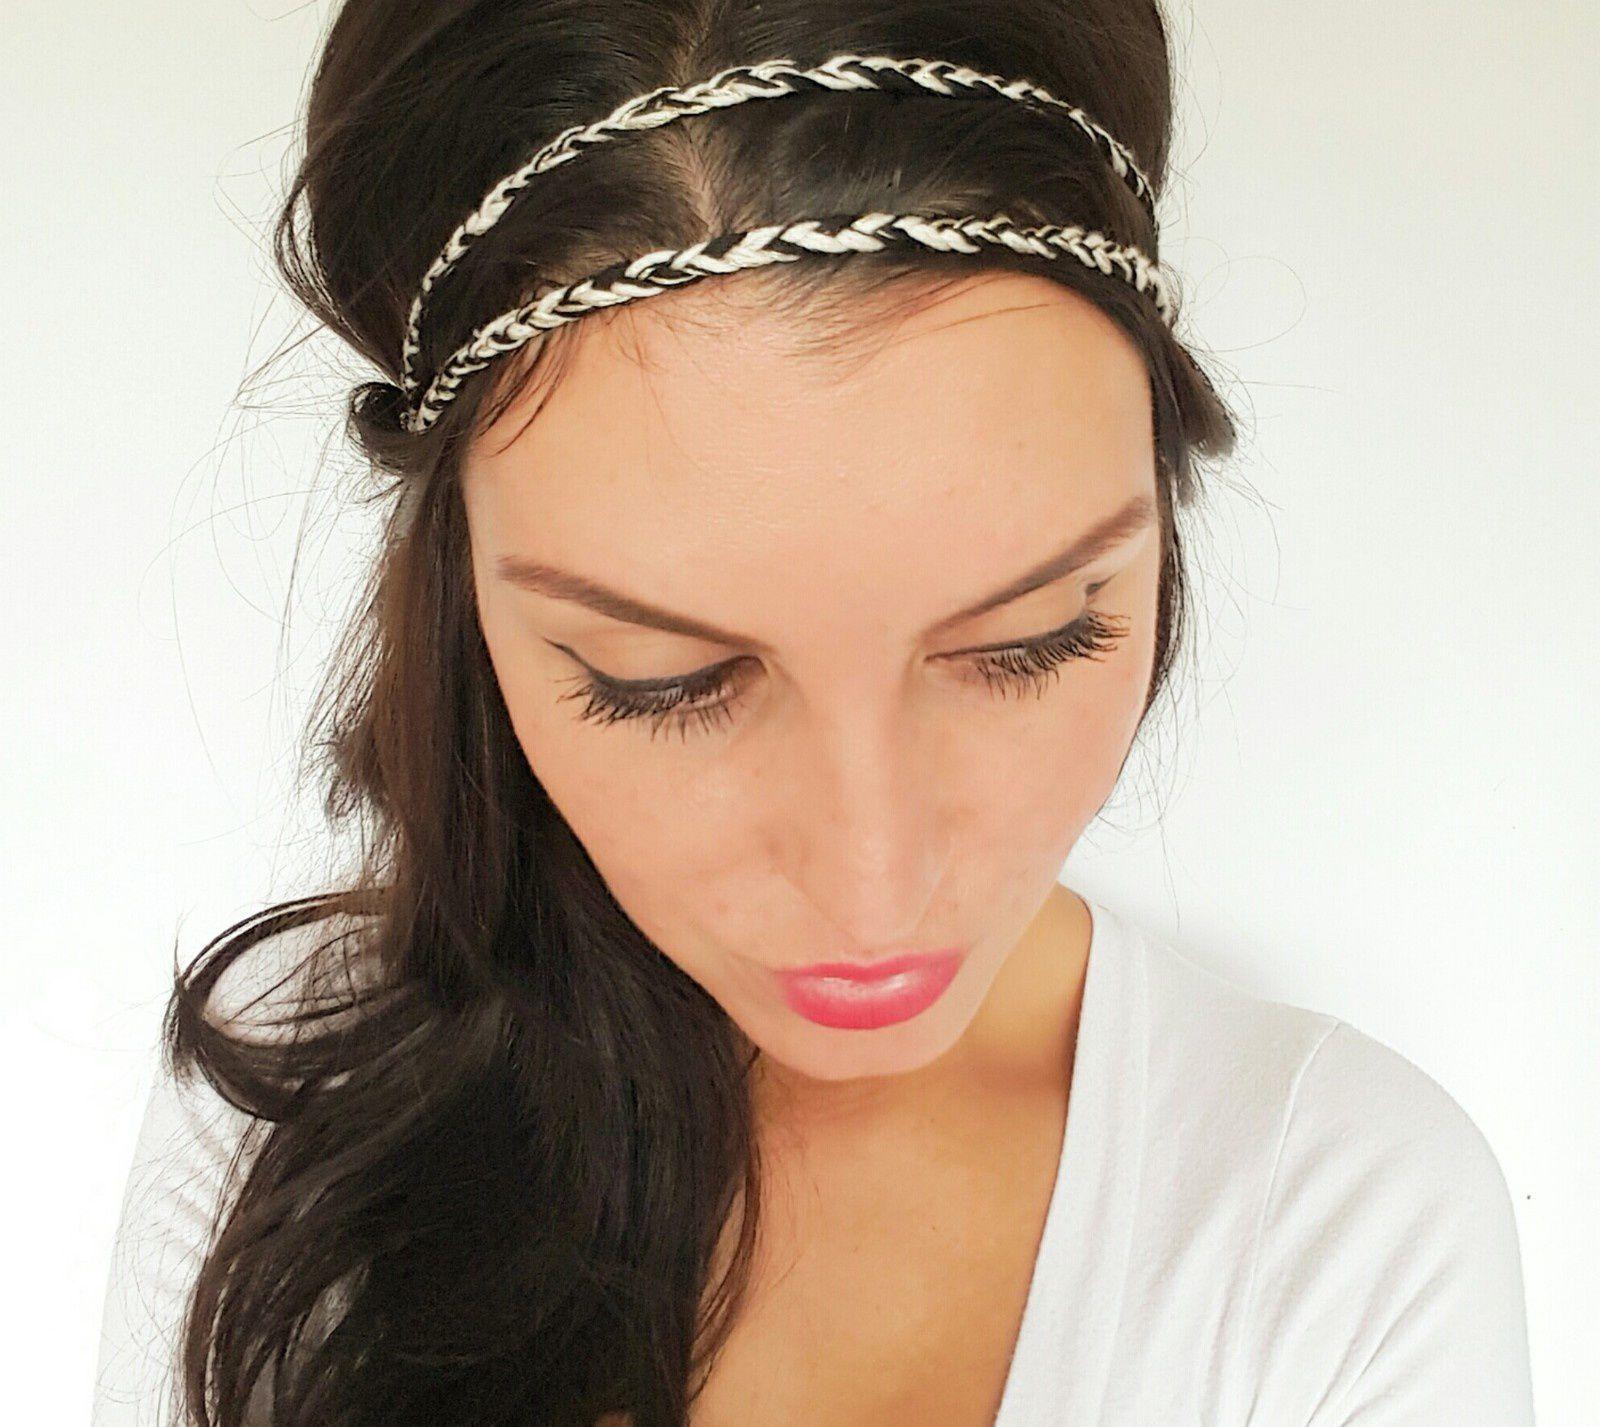 gamme exceptionnelle de styles et de couleurs nuances de comment trouver Headband tressé noir et doré, accessoire cheveux bohème chic ...